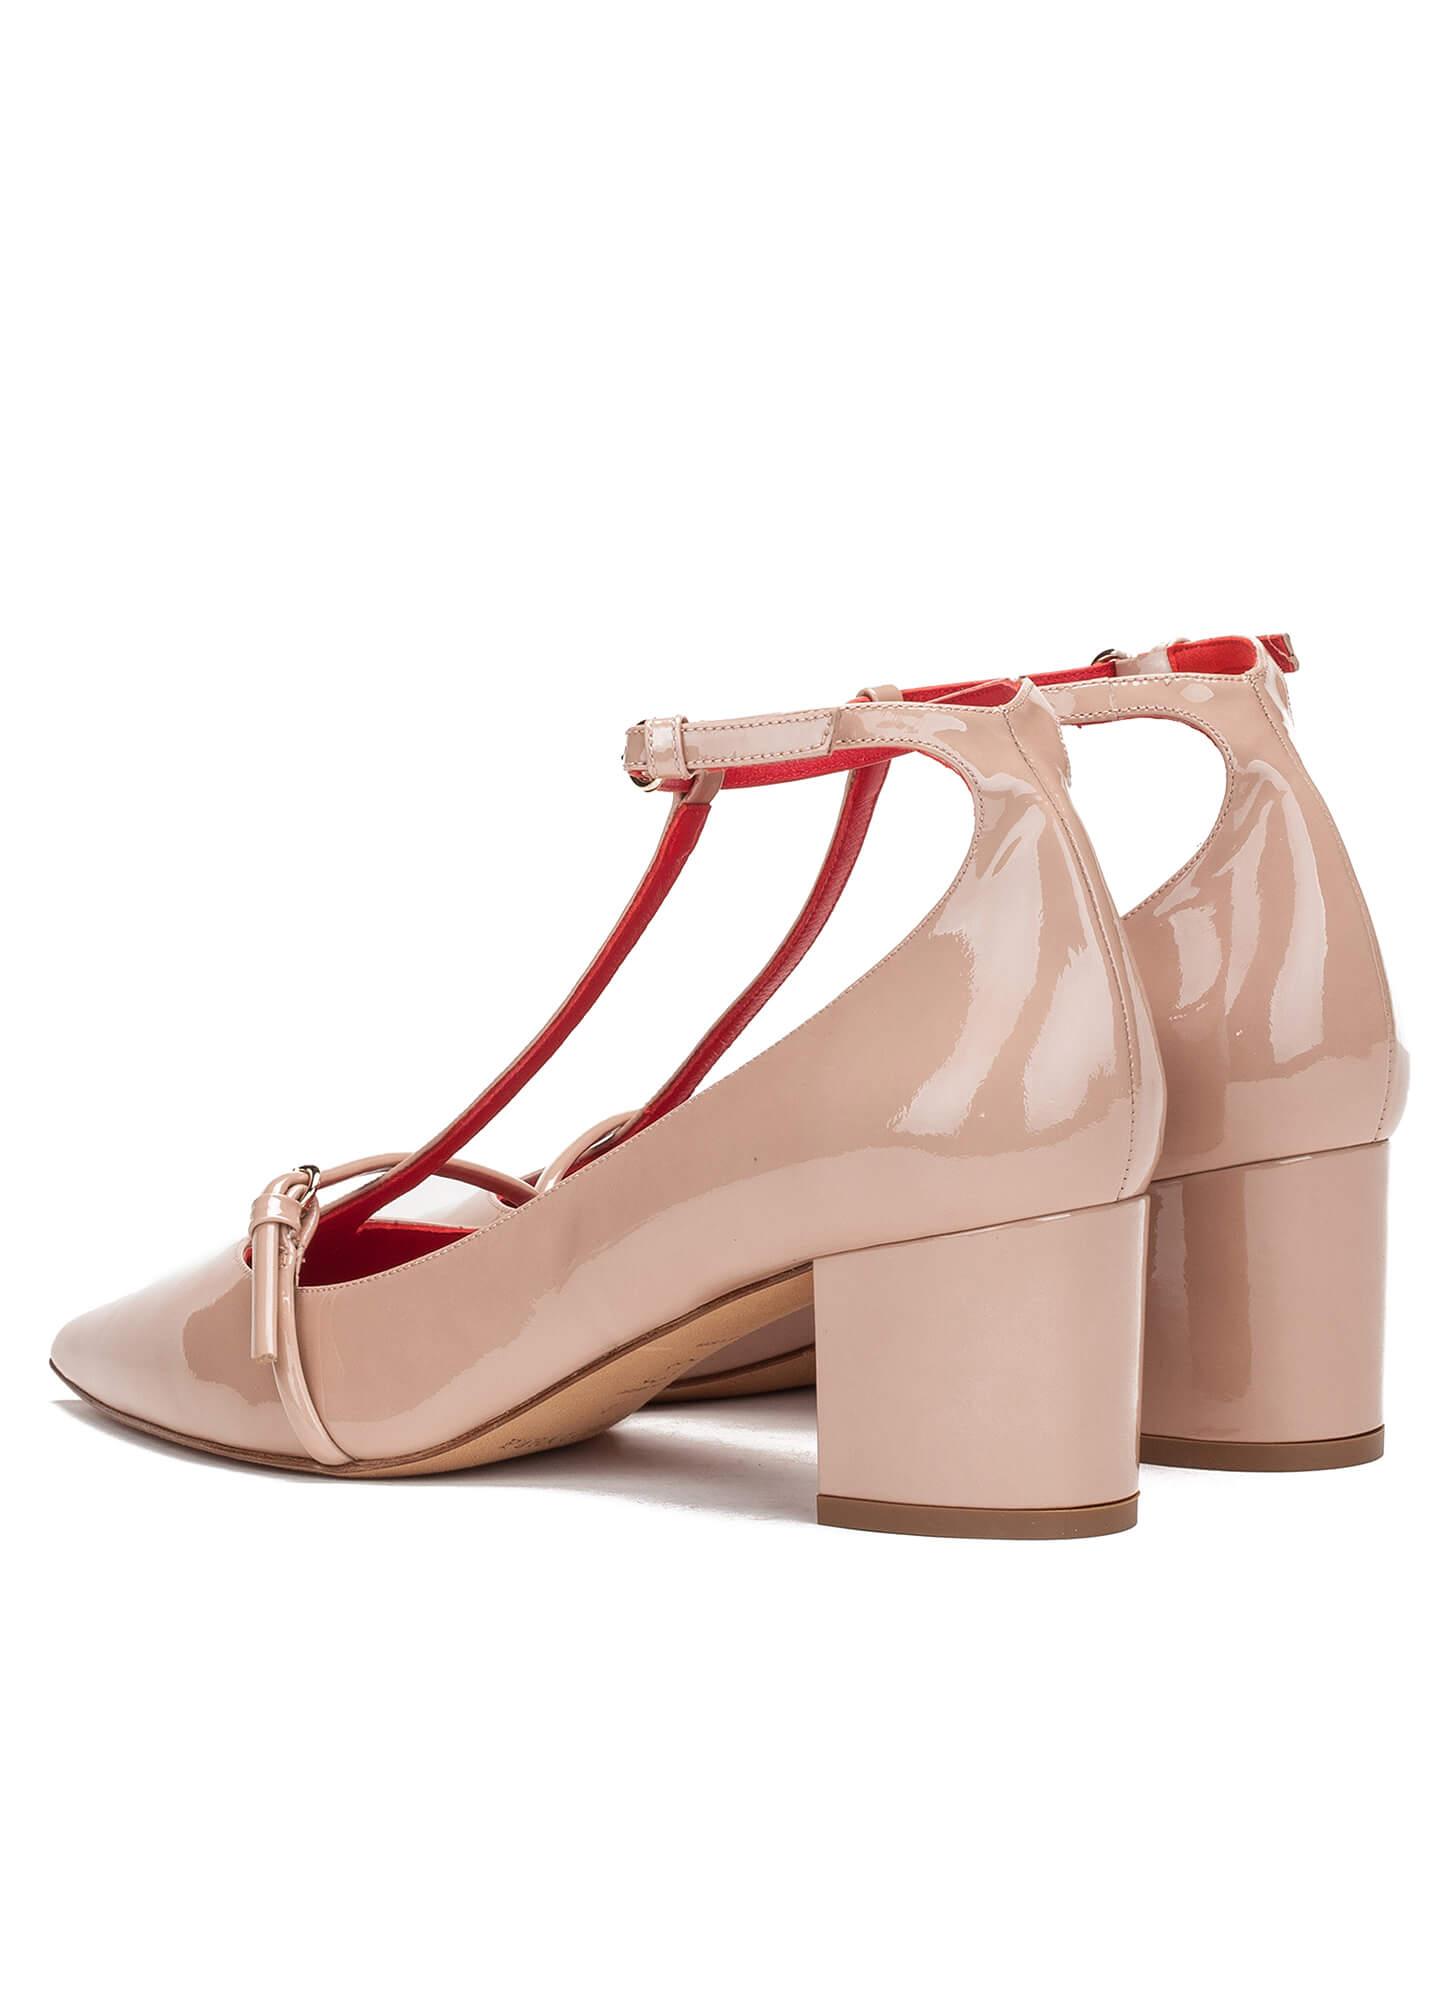 De Charol Medio Nude Pura Tienda Zapatos López Zapato En Tacón fdwEdx